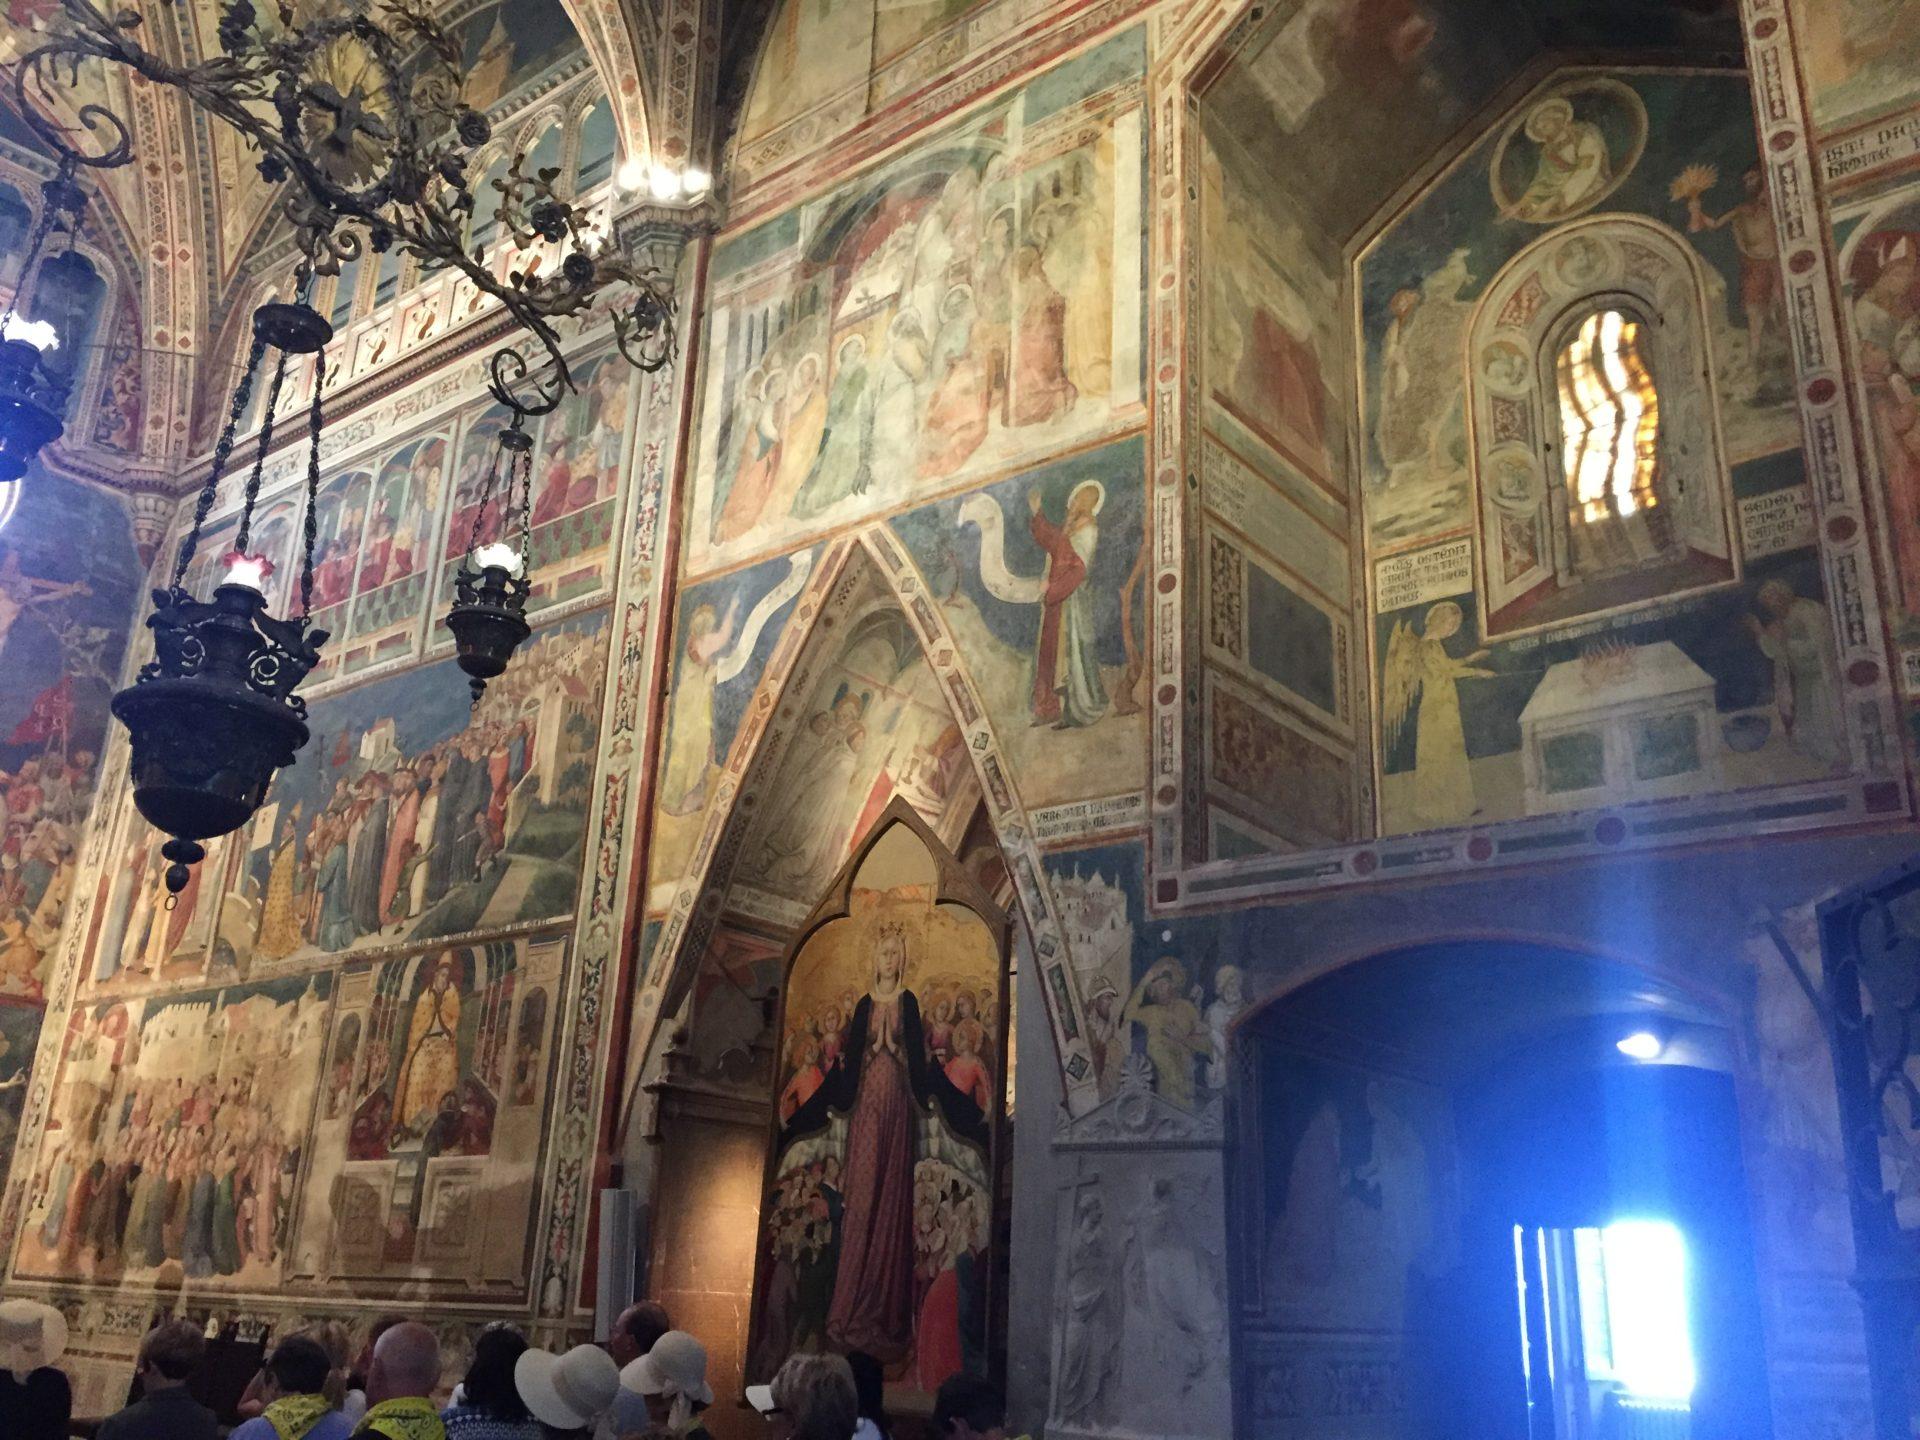 """<img src=""""http://marenostrum.pl/wp-content/uploads//2019/10/Kaplica-korporału-Orvieto.jpeg"""" alt=""""Kaplica korporału cud eucharystyczny Bolsena Orvieto"""" />"""